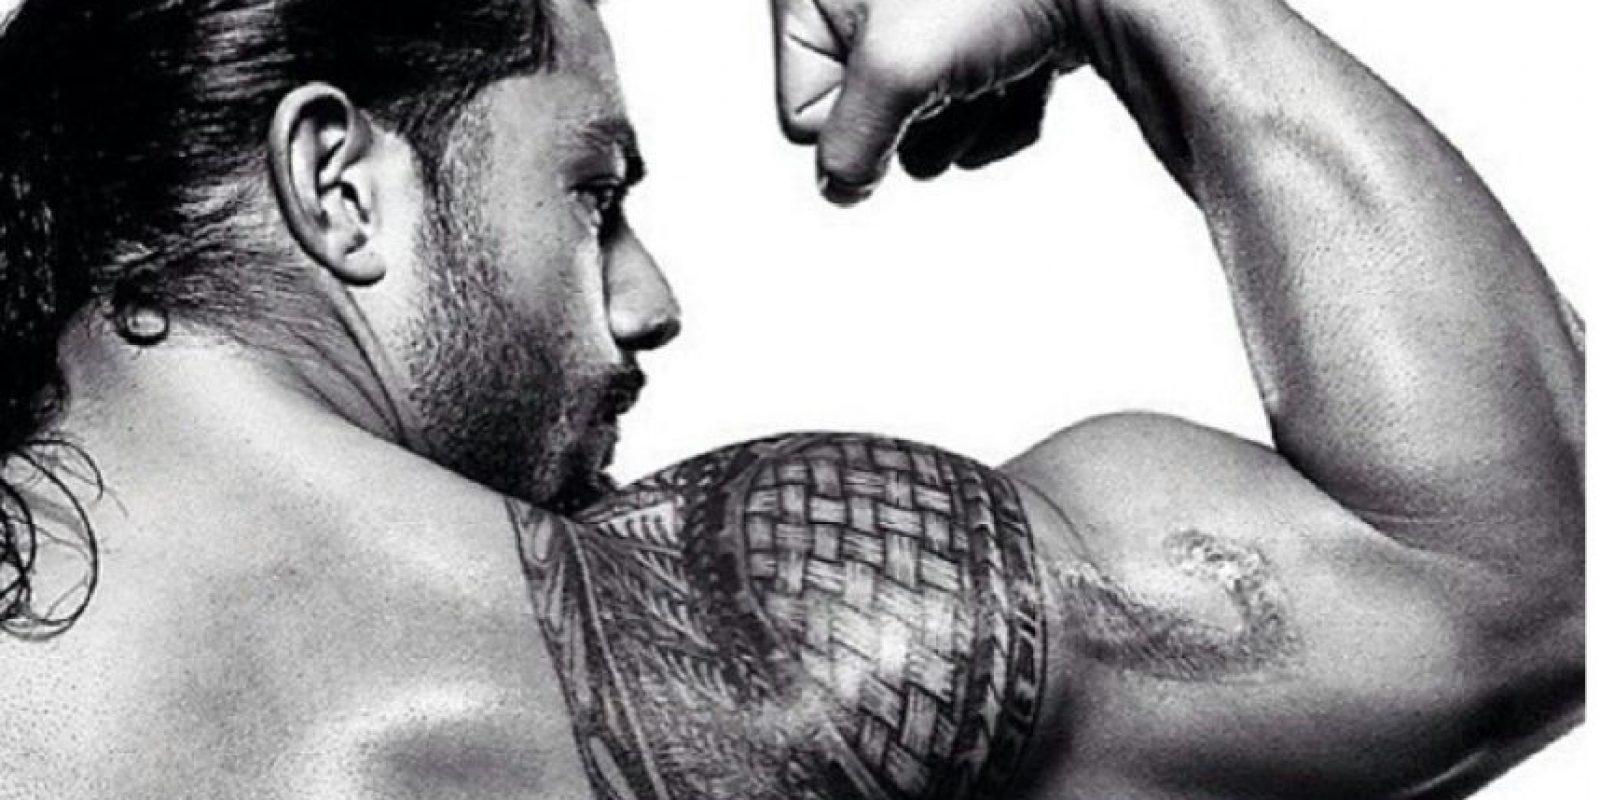 Roman Reigns: Tiene el brazo derecho un tatuaje que brinda un tributo a las tradiciones samoanas Foto:WWE